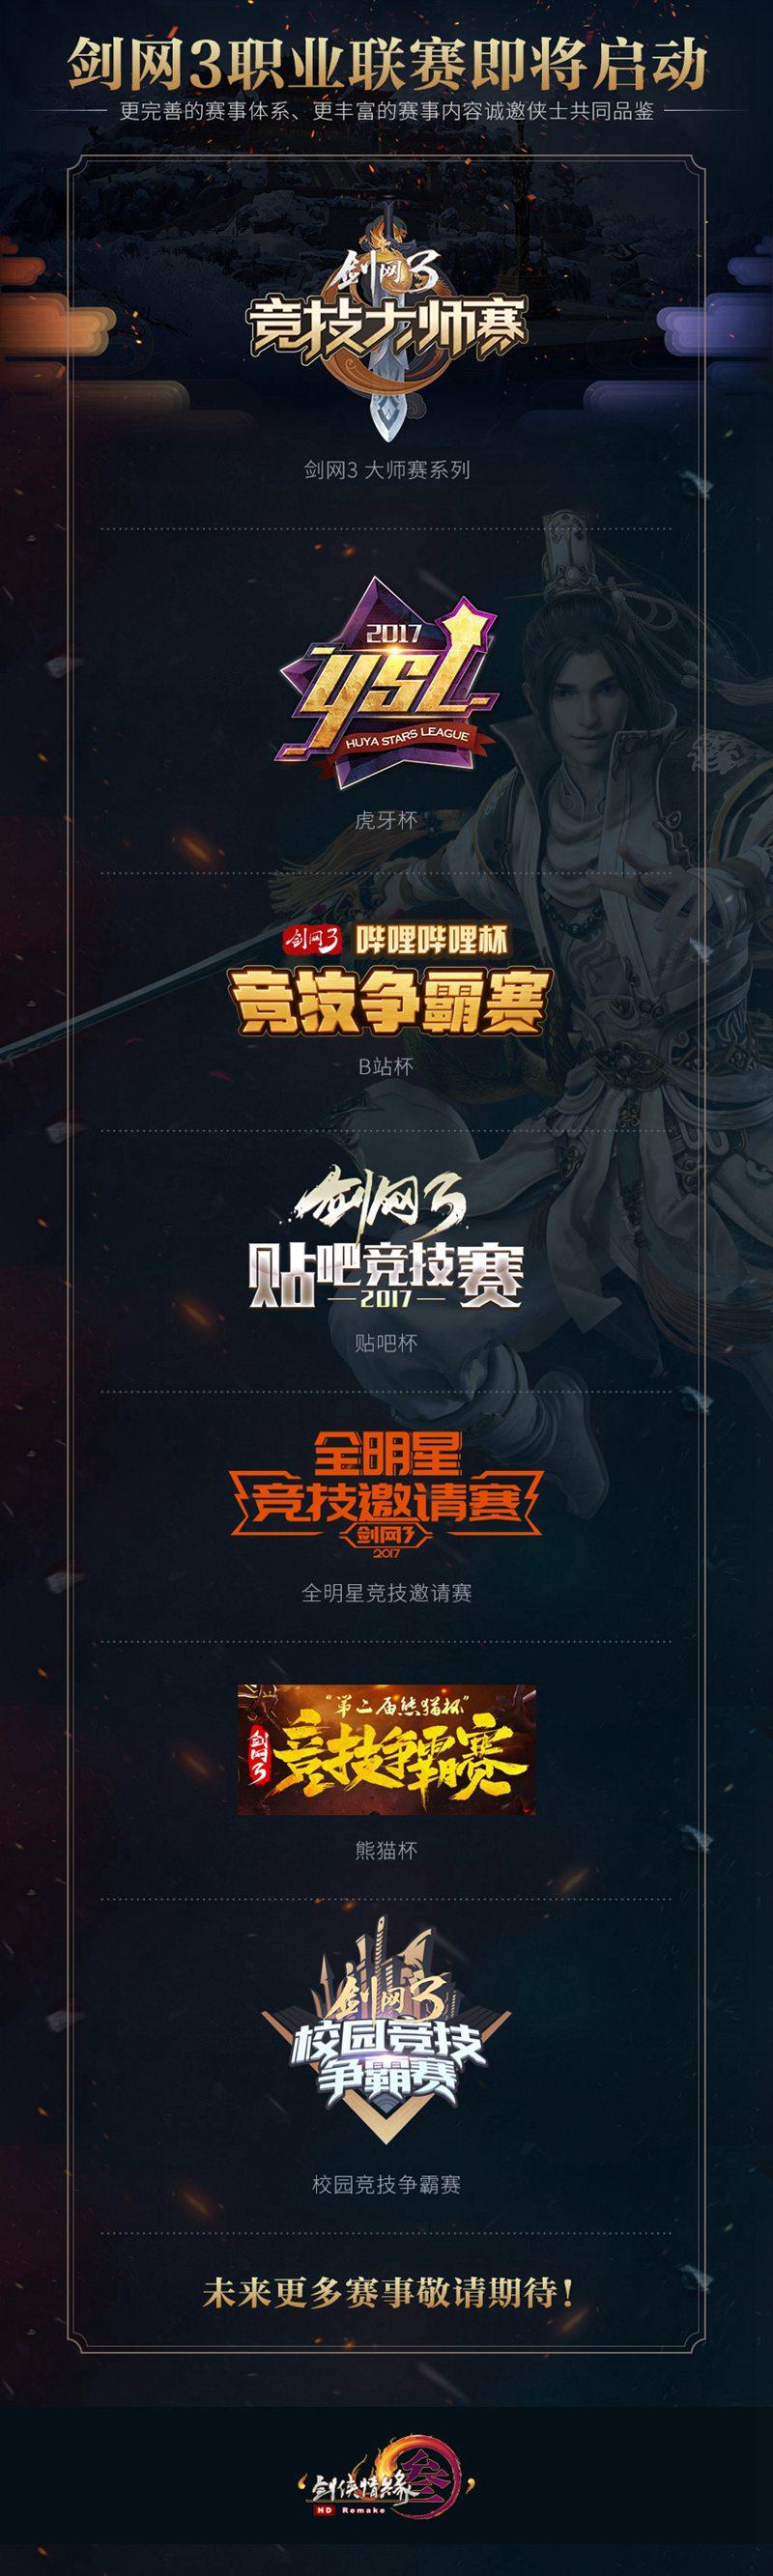 《剑网3》启动职业联赛 向专业电竞迈出重要一步